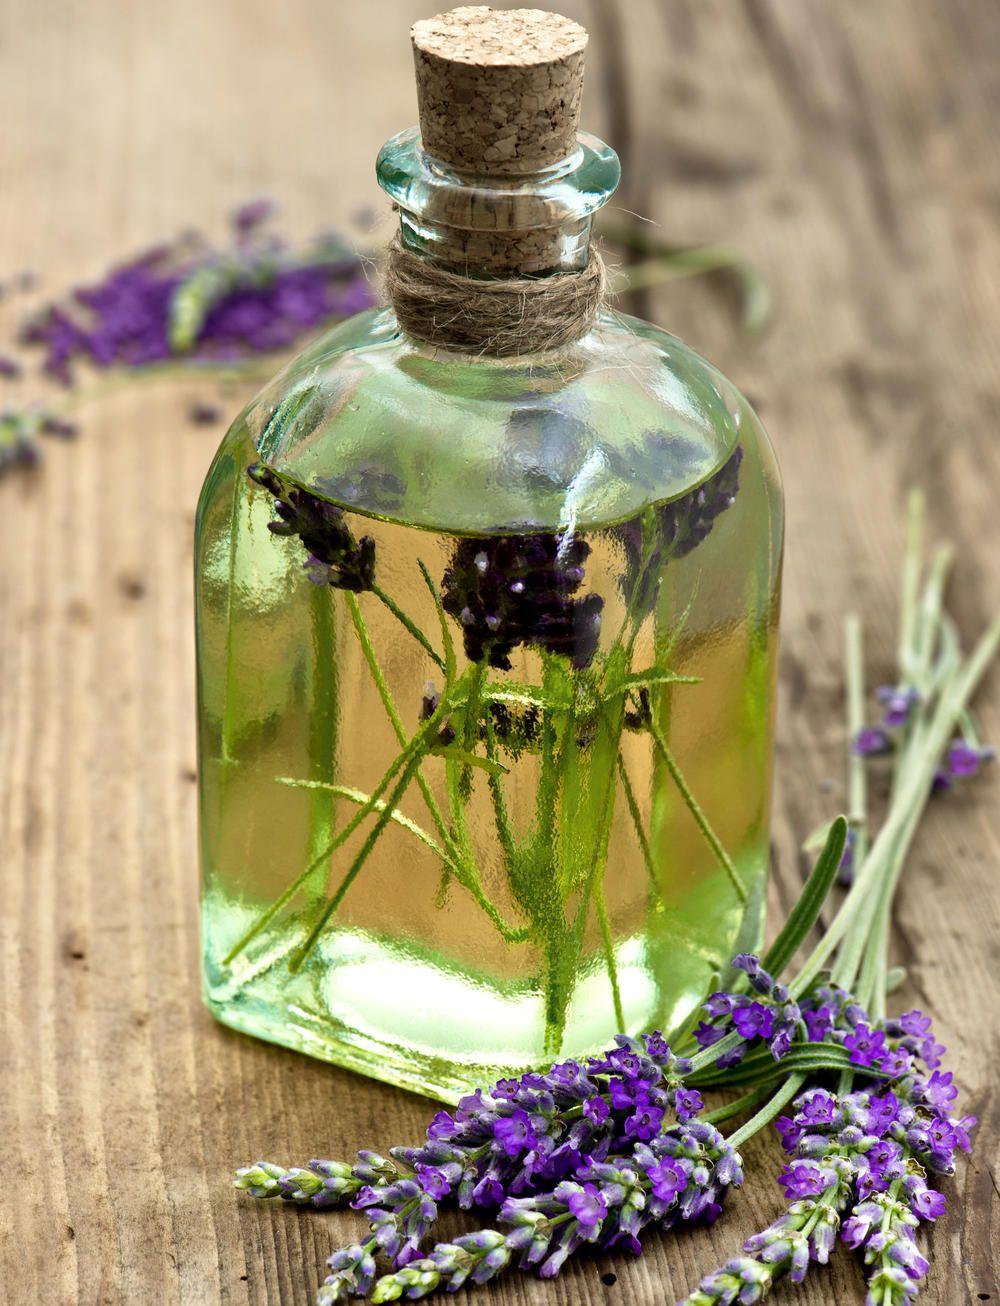 Lavendelöl Selbst Herstellen : lavendel l herstellen konservieren sie den duft des s dens massage l selber machen massage ~ Yuntae.com Dekorationen Ideen